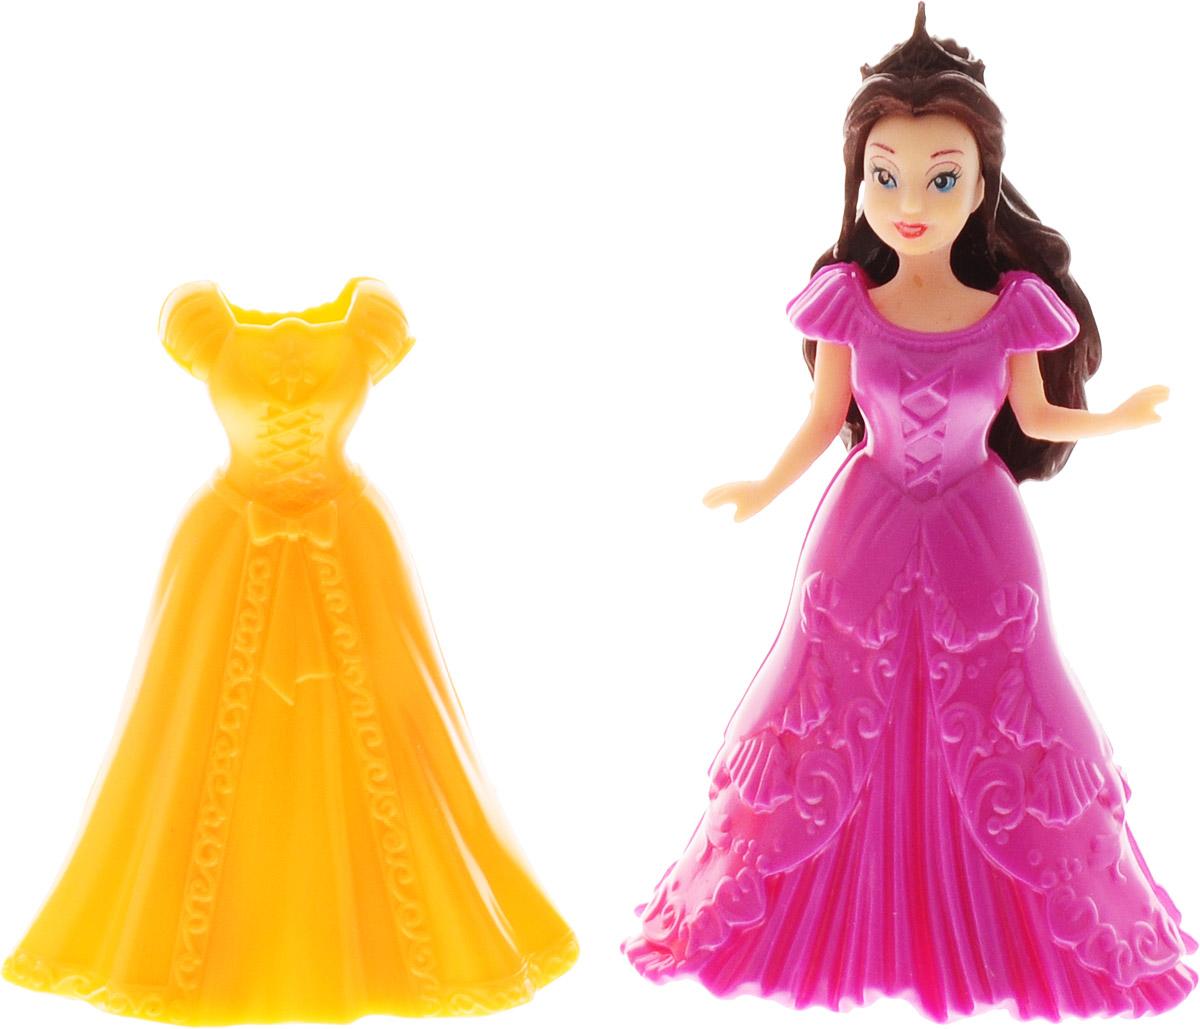 1TOY Мини-кукла Красотка цвет платья оранжевый фиолетовый 1toy кукла красотка фэшн с одеждой цвет платья оранжевый